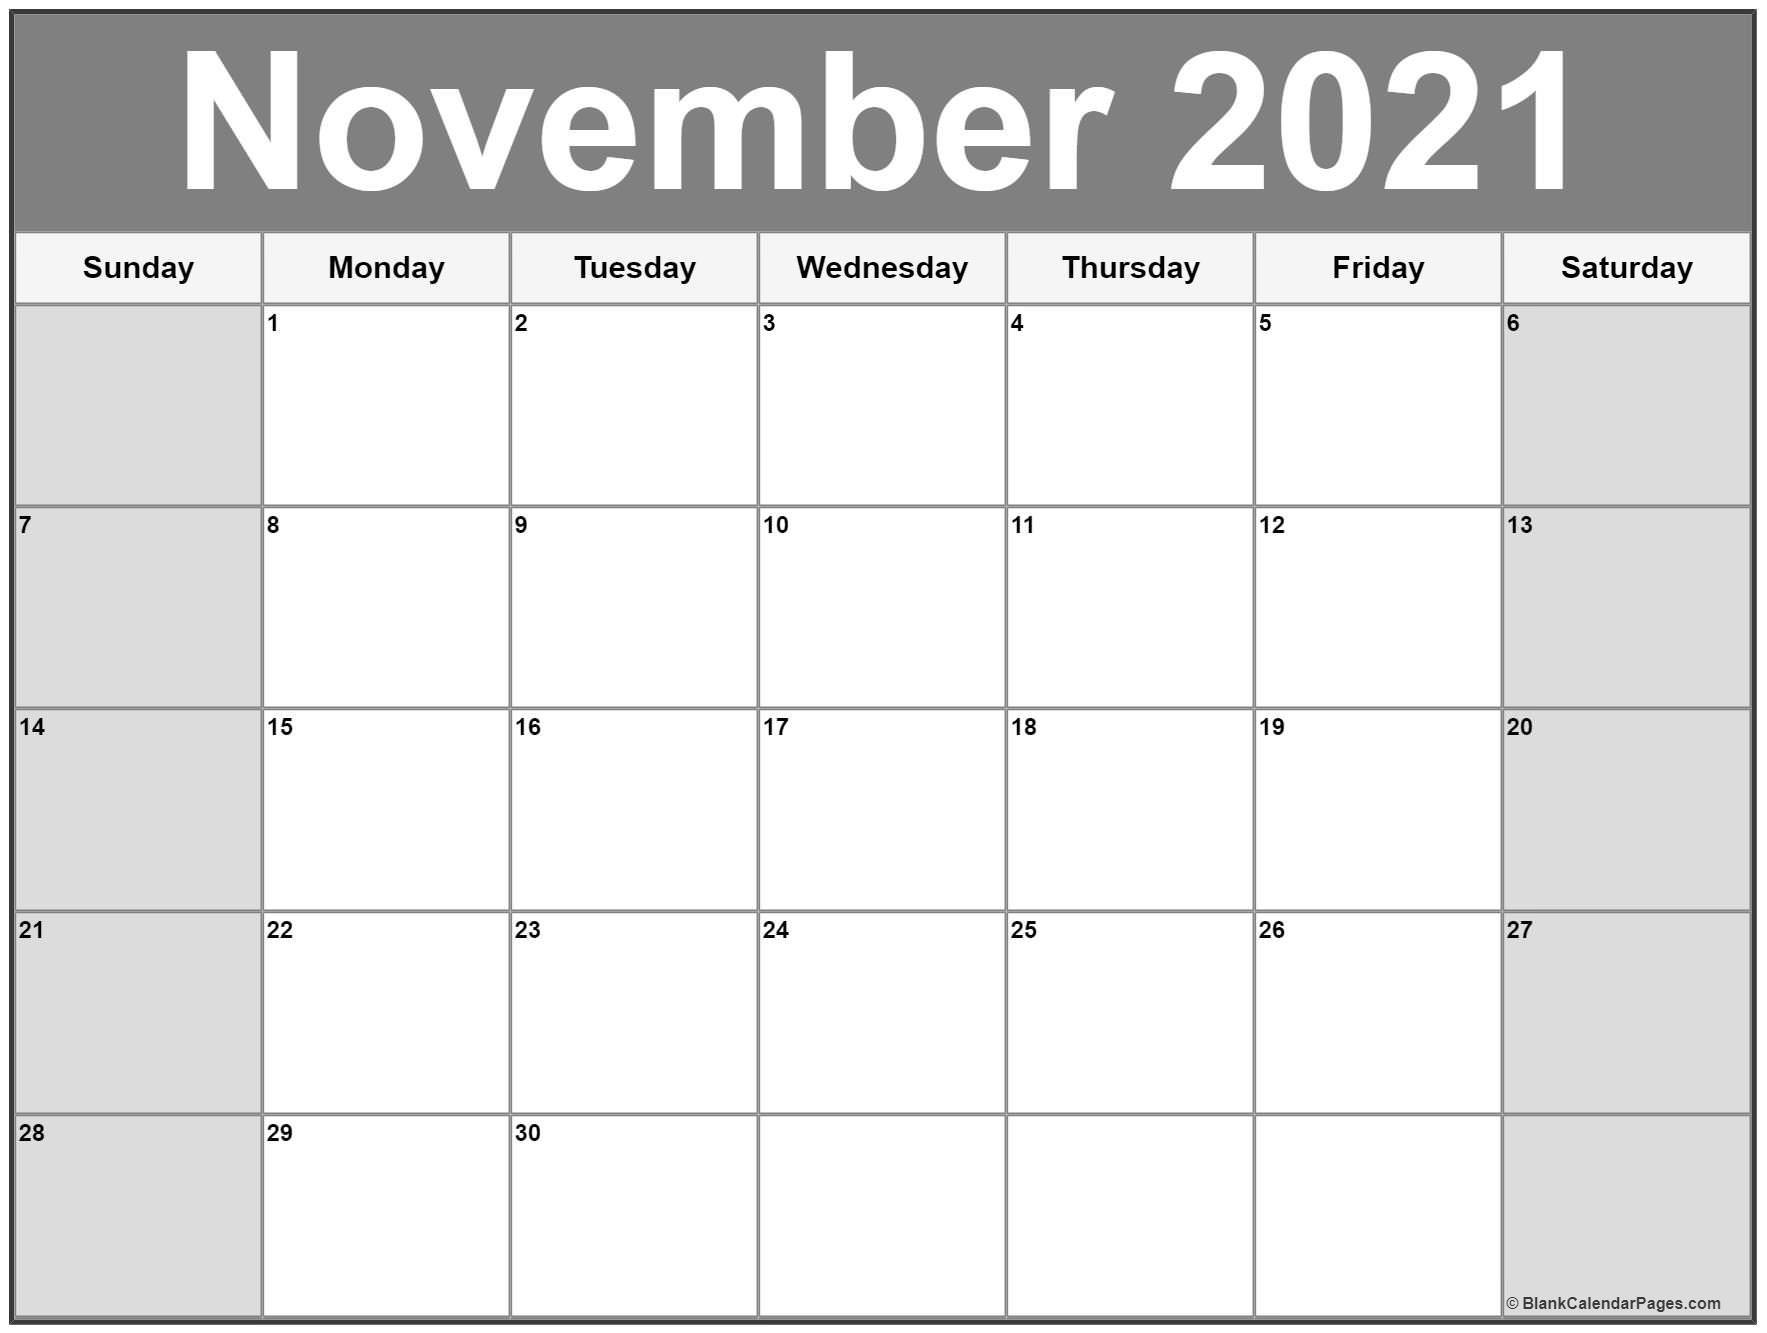 November 2021 Calendar | 56 Templates Of 2021 Printable